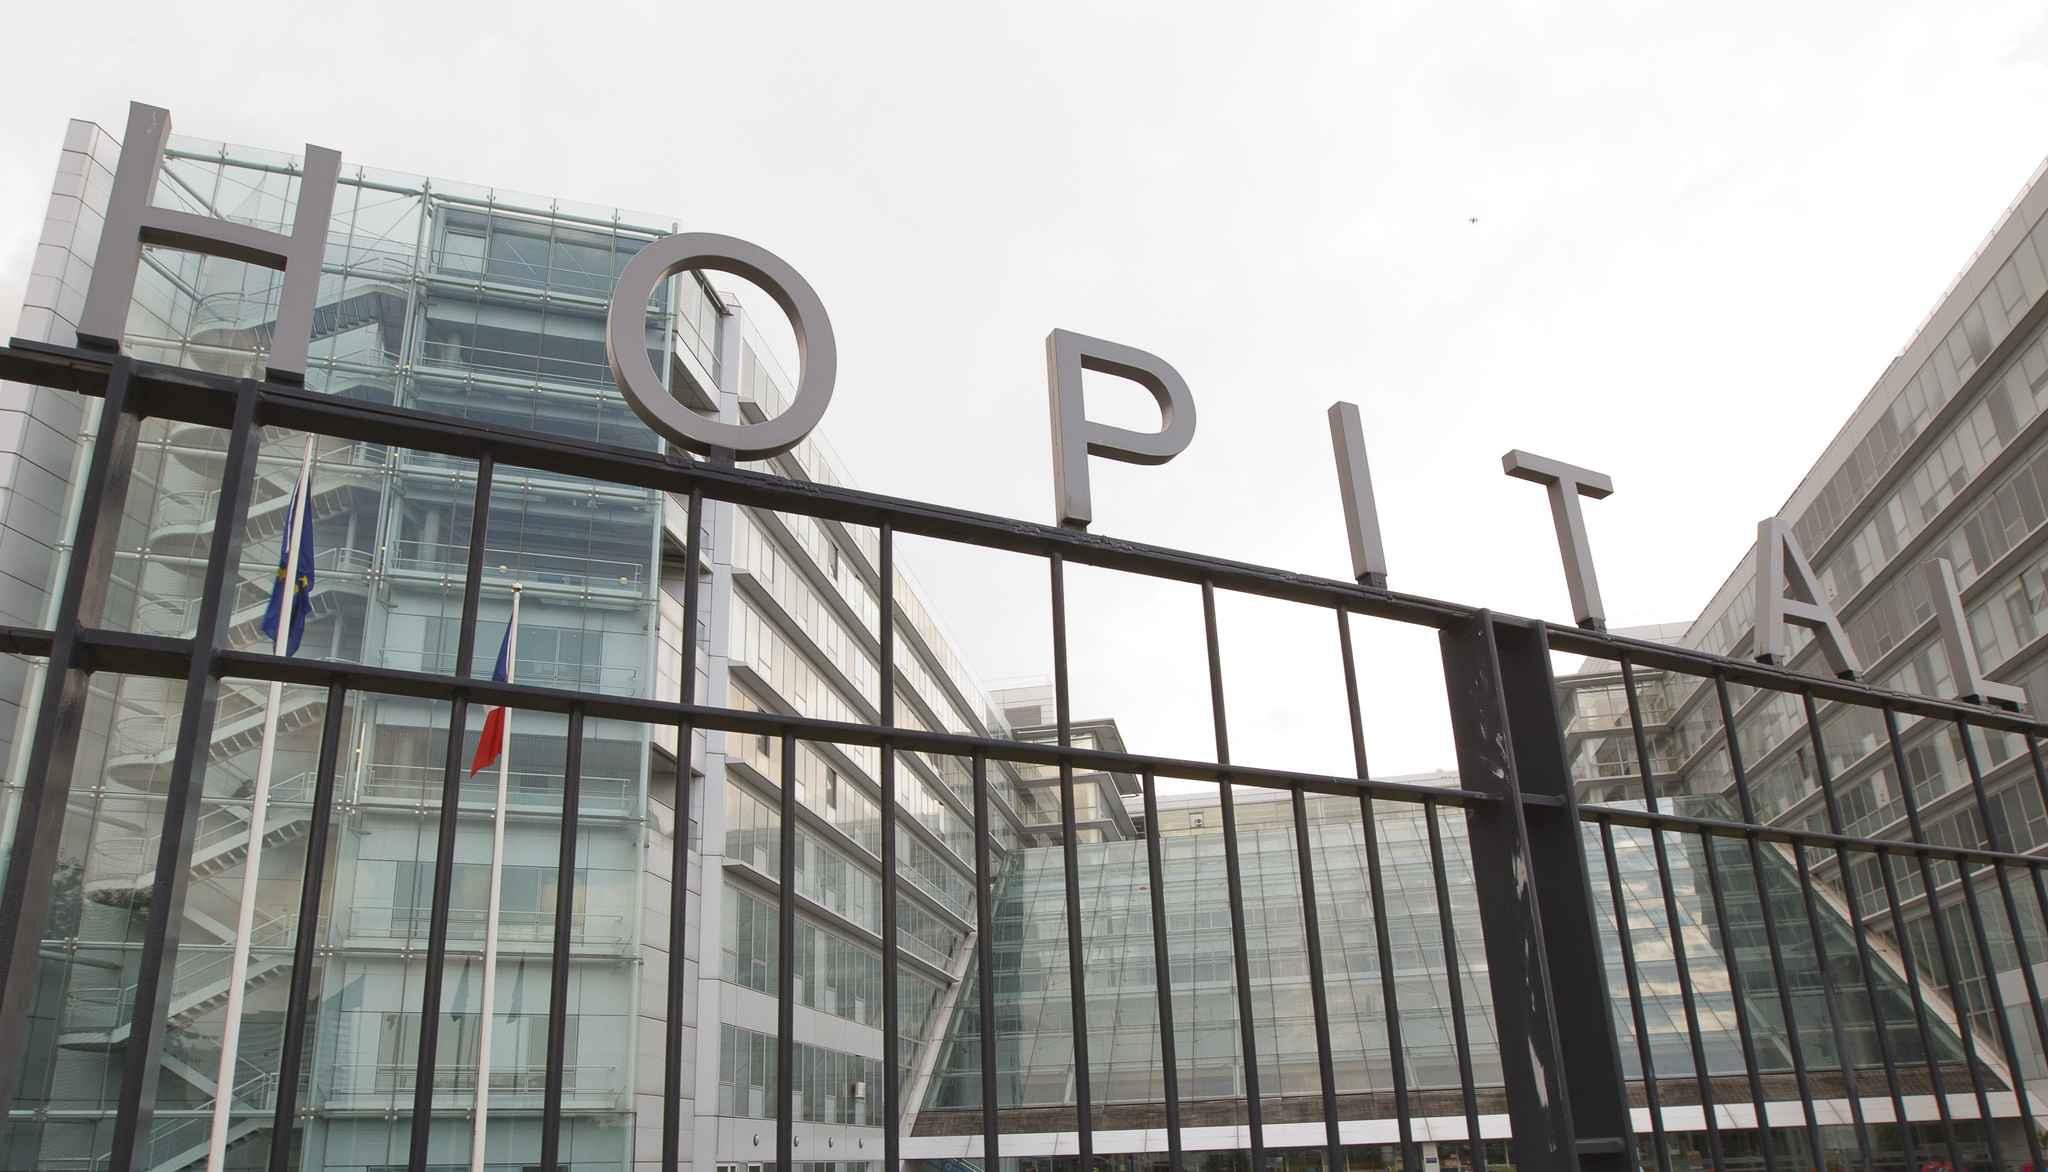 Hôpital Georges-Pompidou: trois jours après sa disparition, un patient retrouvé mort